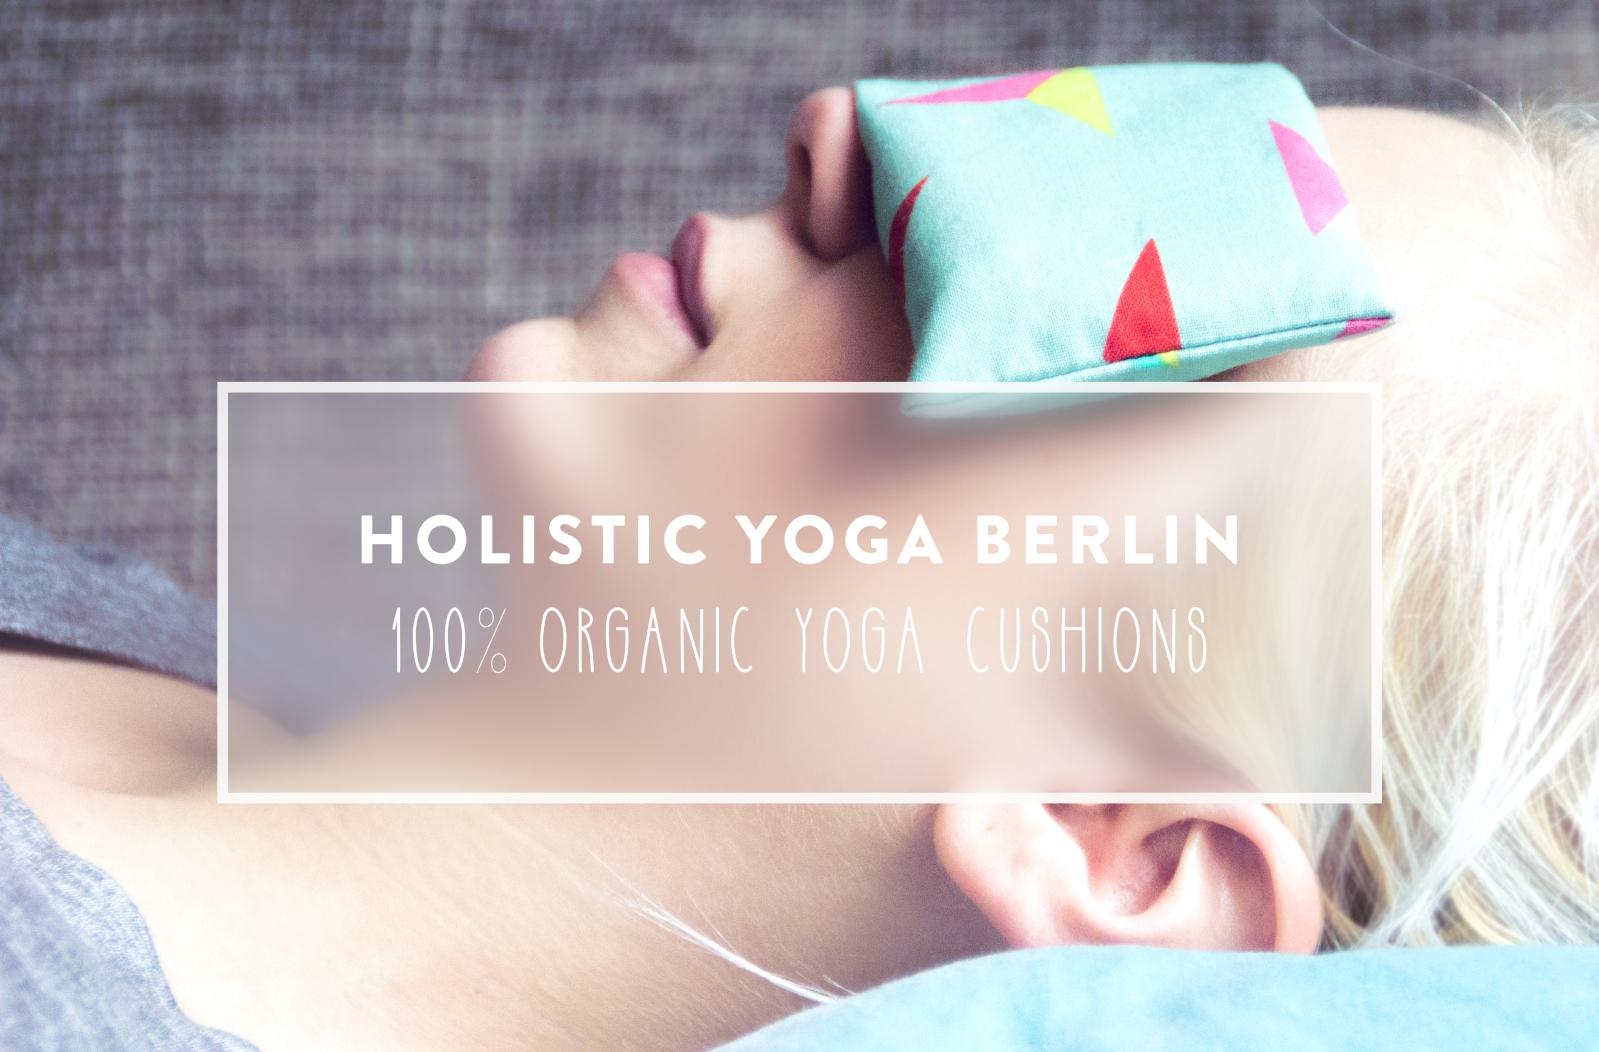 Holisitc Yoga Berlin -100% Organic Yoga Cusions | by JuYogi